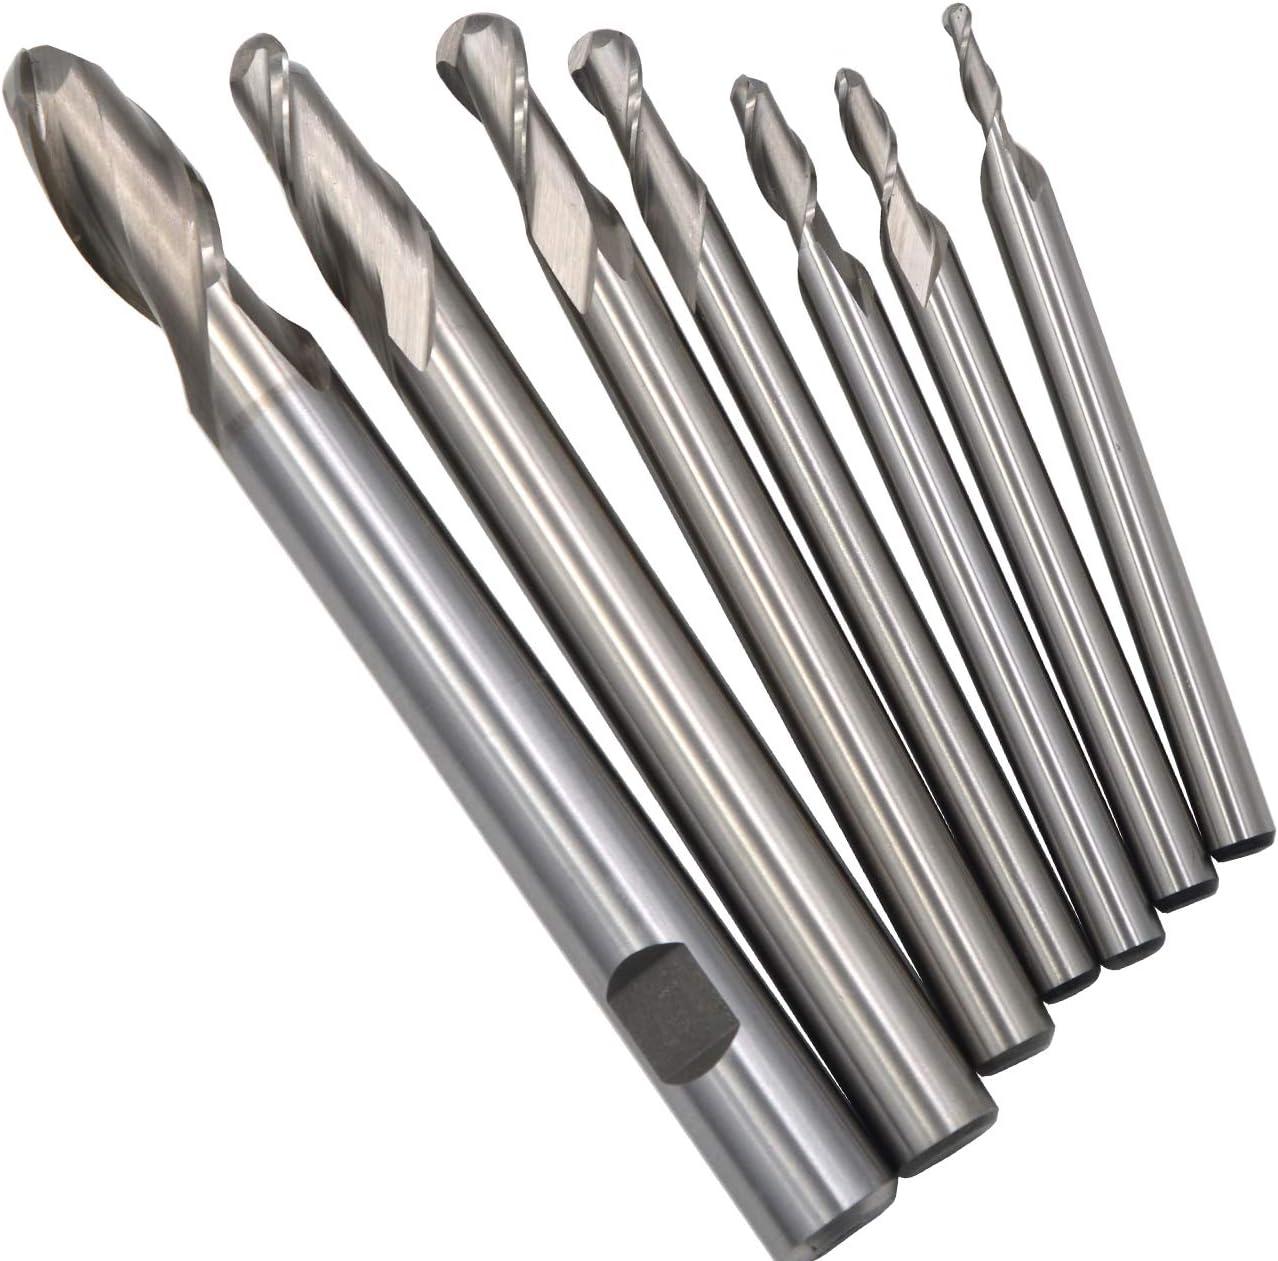 10 pcs 1.5mm x 6mm Four 4 Flute HSS /& Aluminum End Mill Cutter CNC Bit